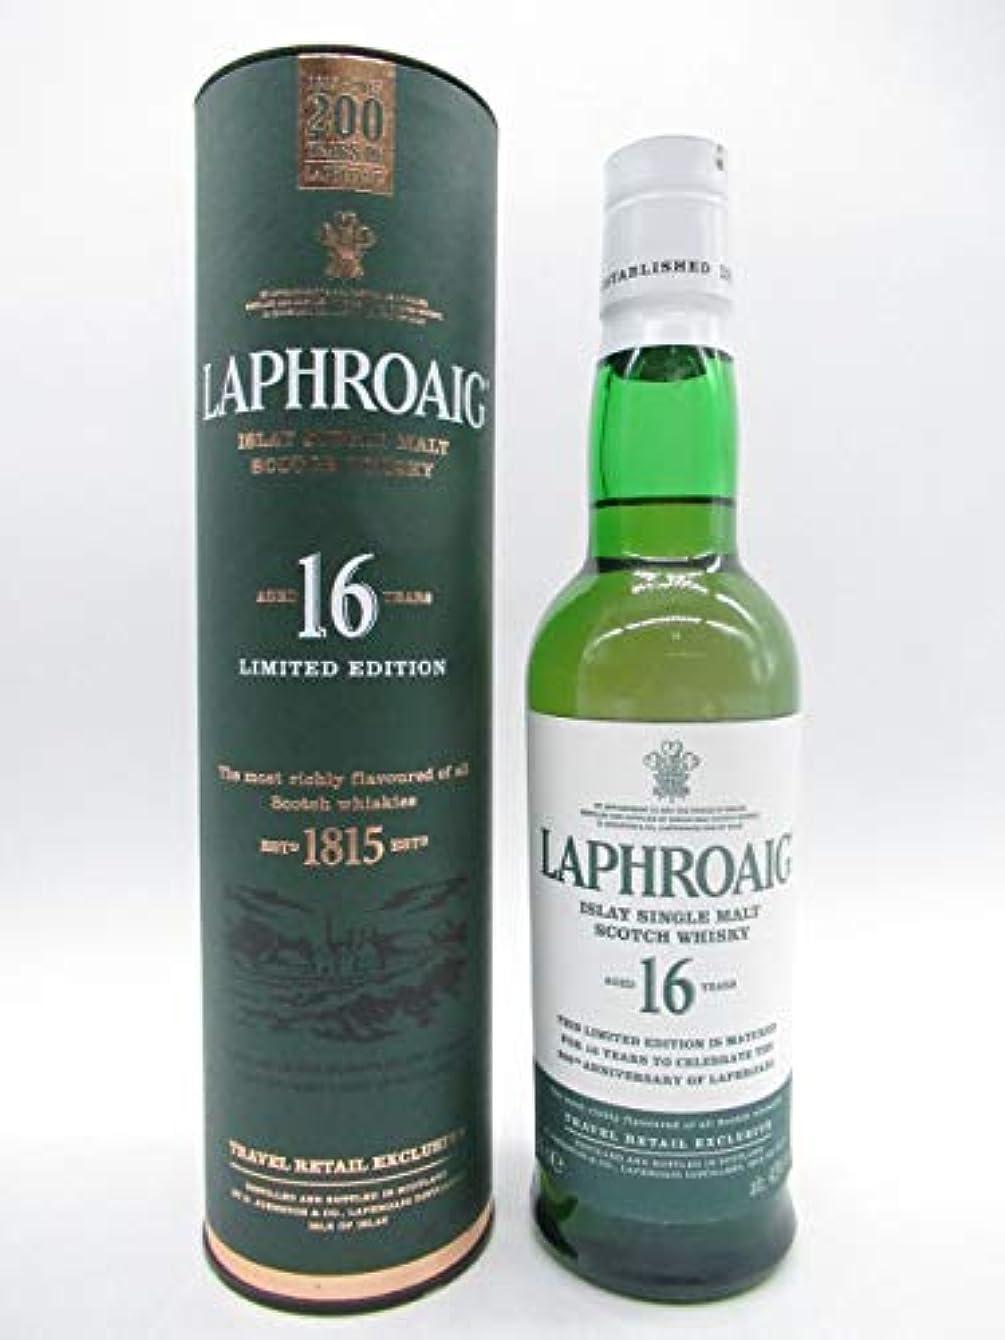 アルコール独創的増加するラフロイグ 16年 200周年記念ボトル ハーフサイズ 43度 350ml [並行輸入品]